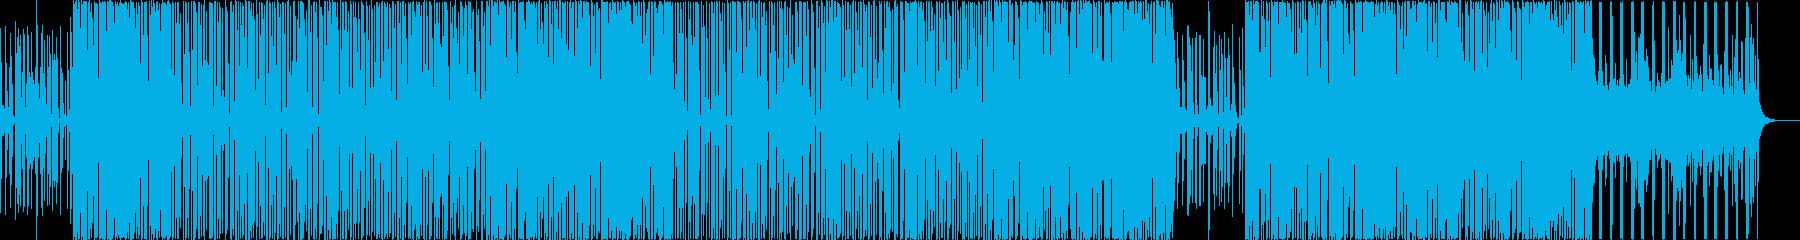 1日のはじまりの曲(夏/朝/海/ビーチ)の再生済みの波形